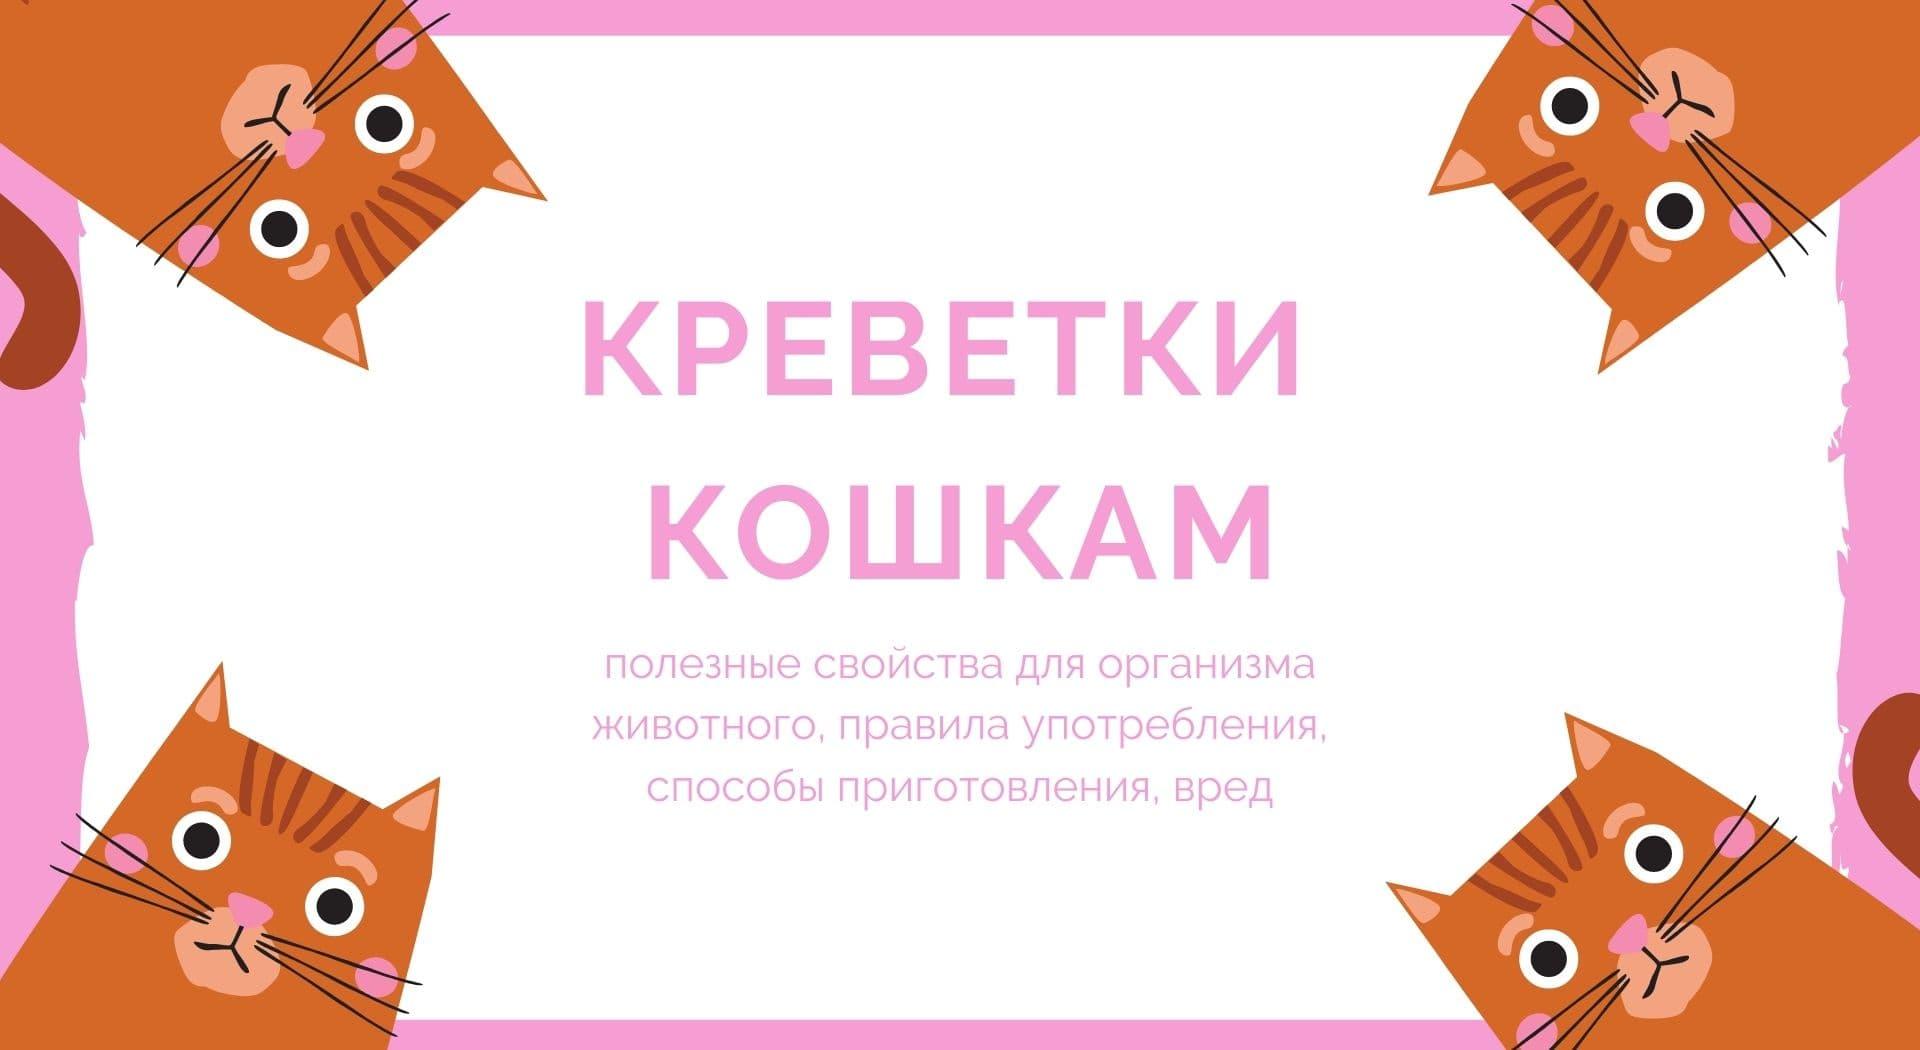 Креветки кошкам: полезные свойства для организма животного, правила употребления, способы приготовления, вред